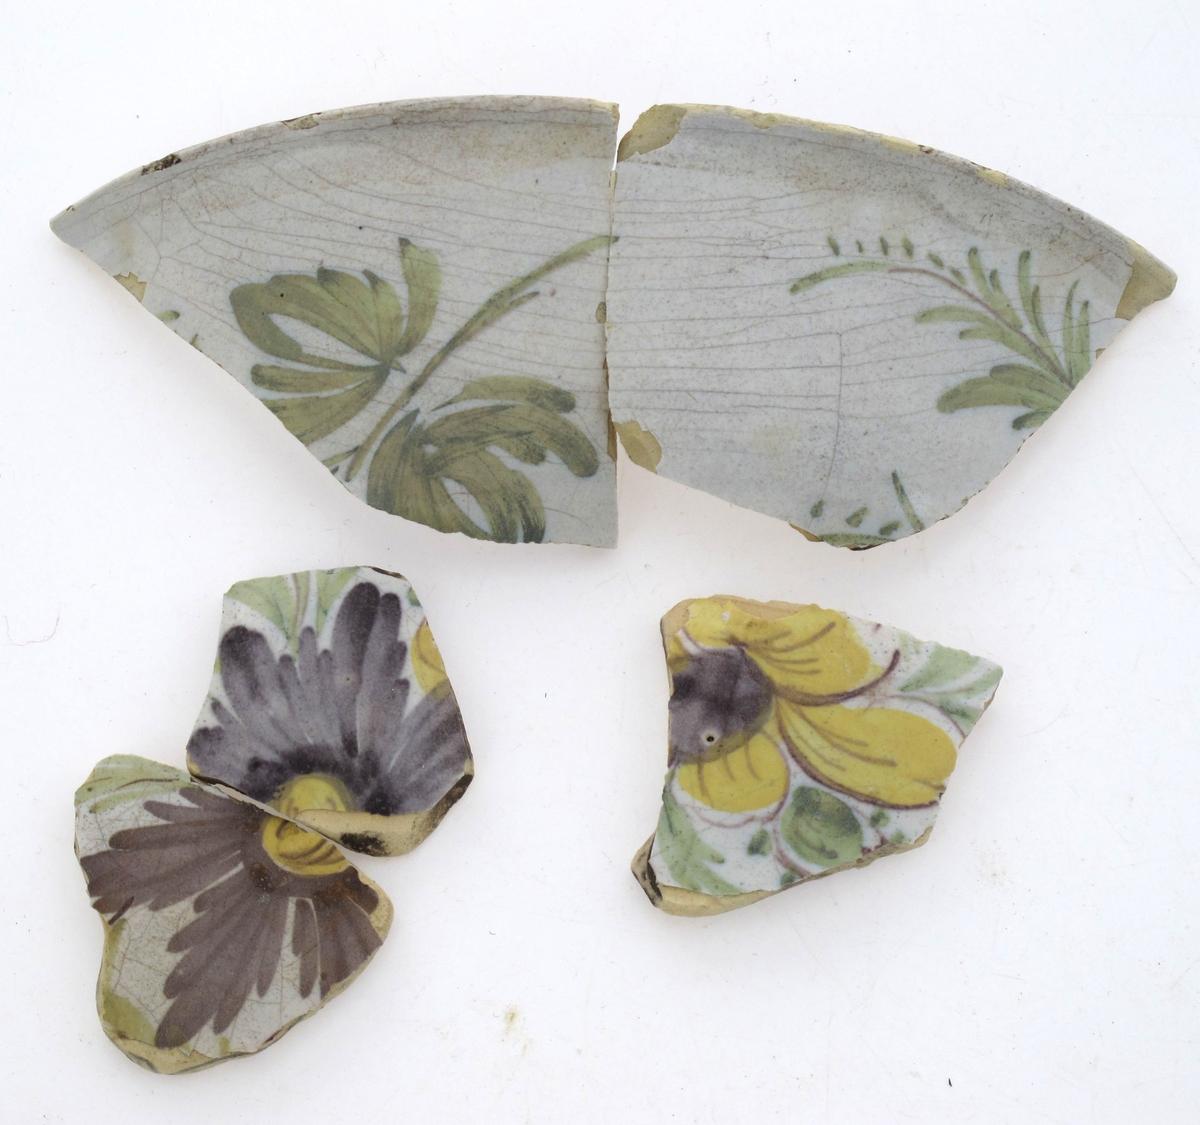 Dekorert med blad og blomster